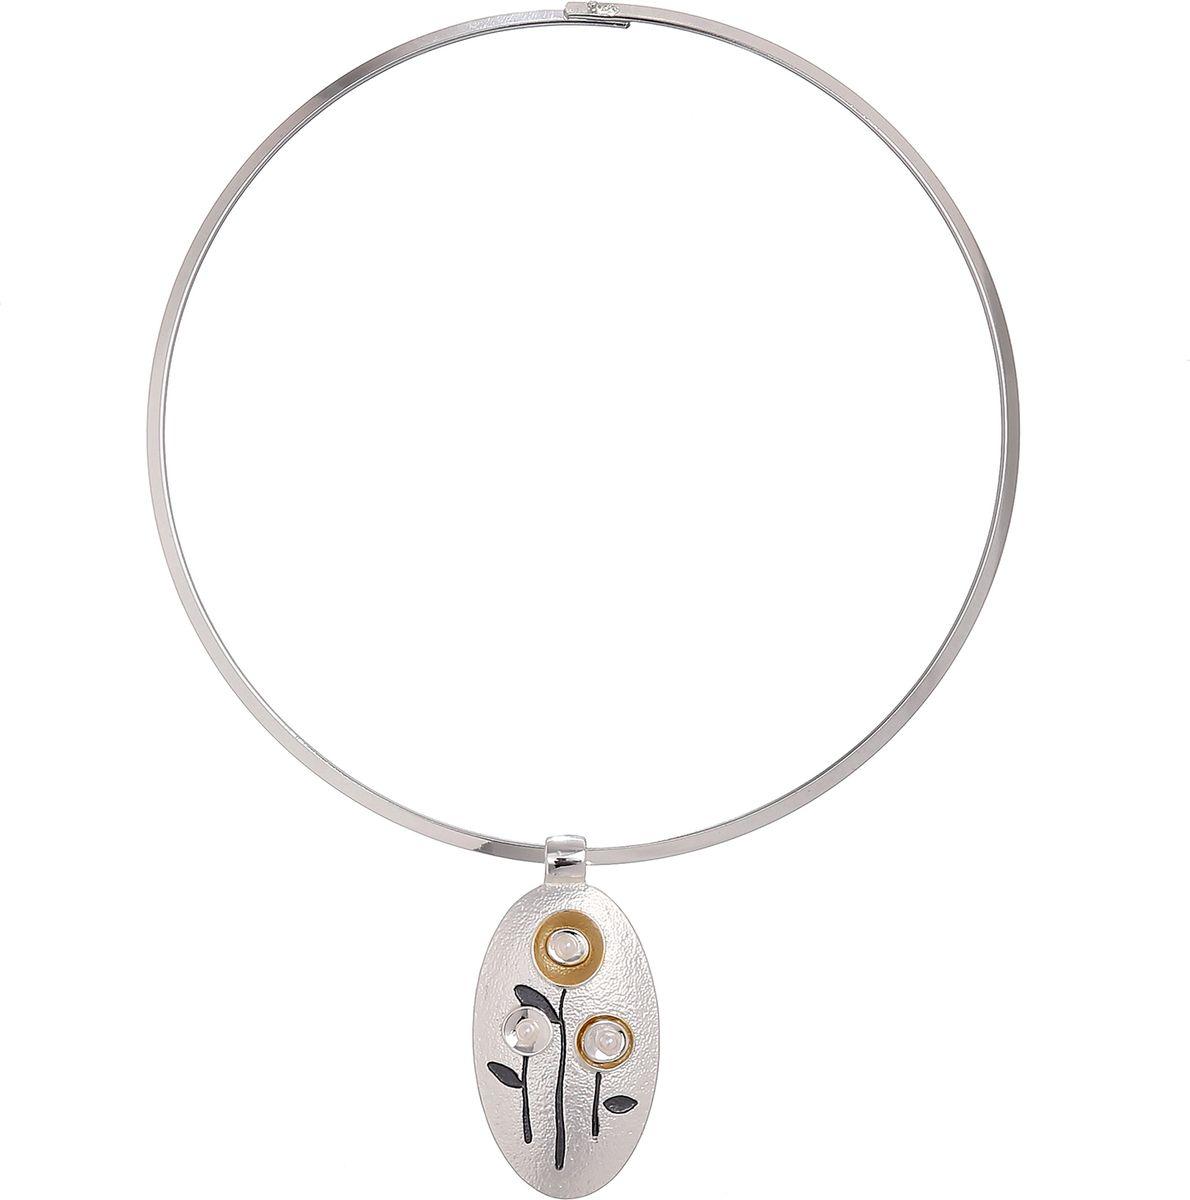 Колье Модные истории, цвет: серебристый. 12/105012/1050Чокер из бижутерного сплава с гальваническим покрытием из серебра, изящная овальная подвеска подвеска с цветами